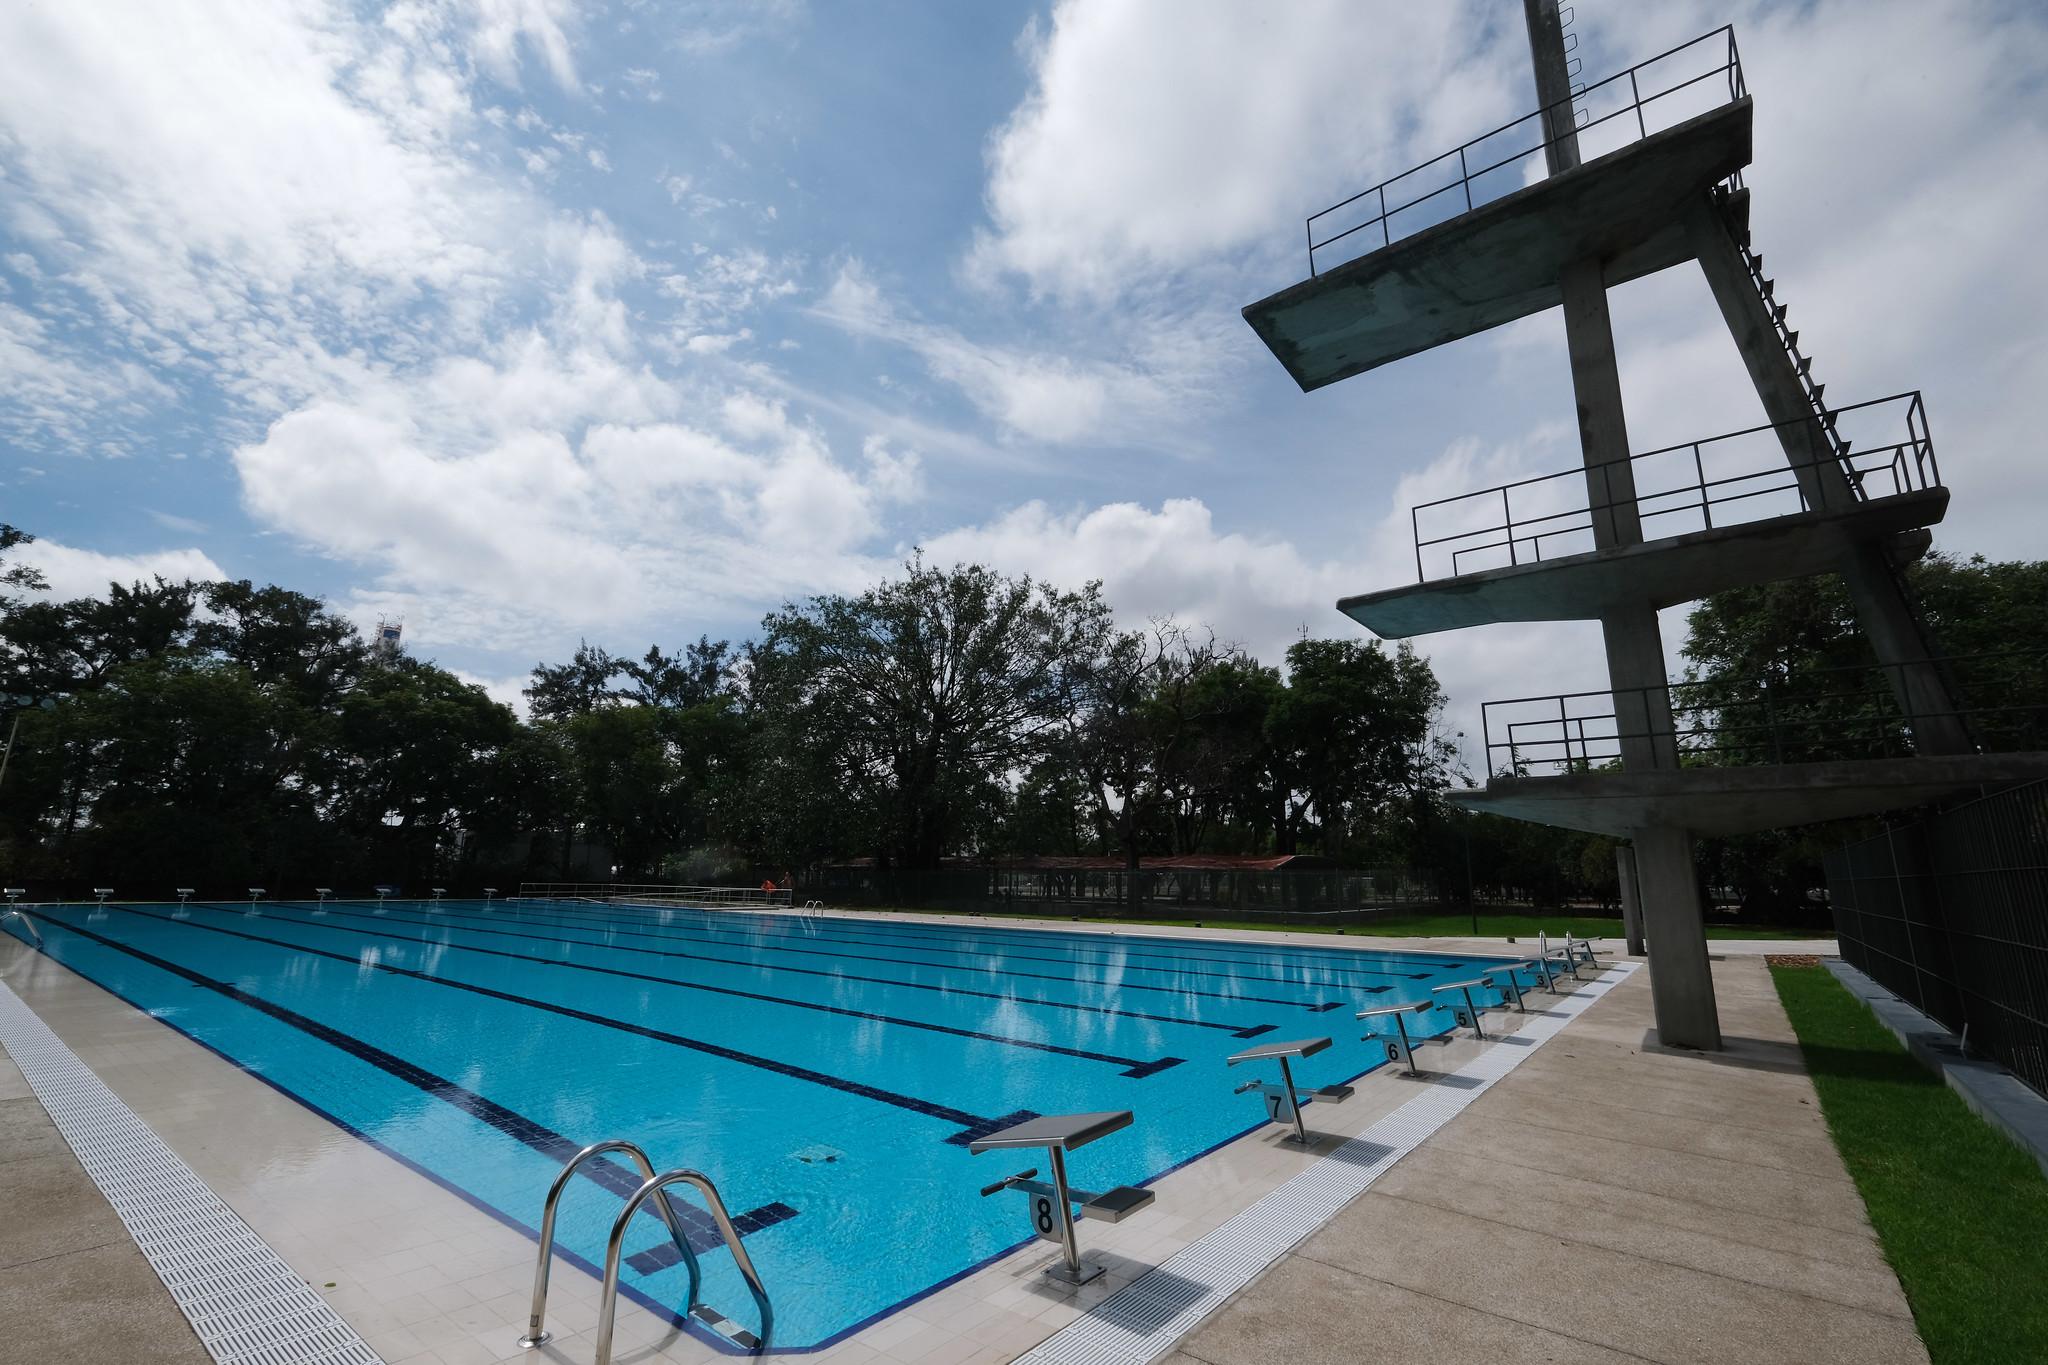 La transformación de la Unidad López Mateos incluye infraestructura especializada para atletas paralímpicos